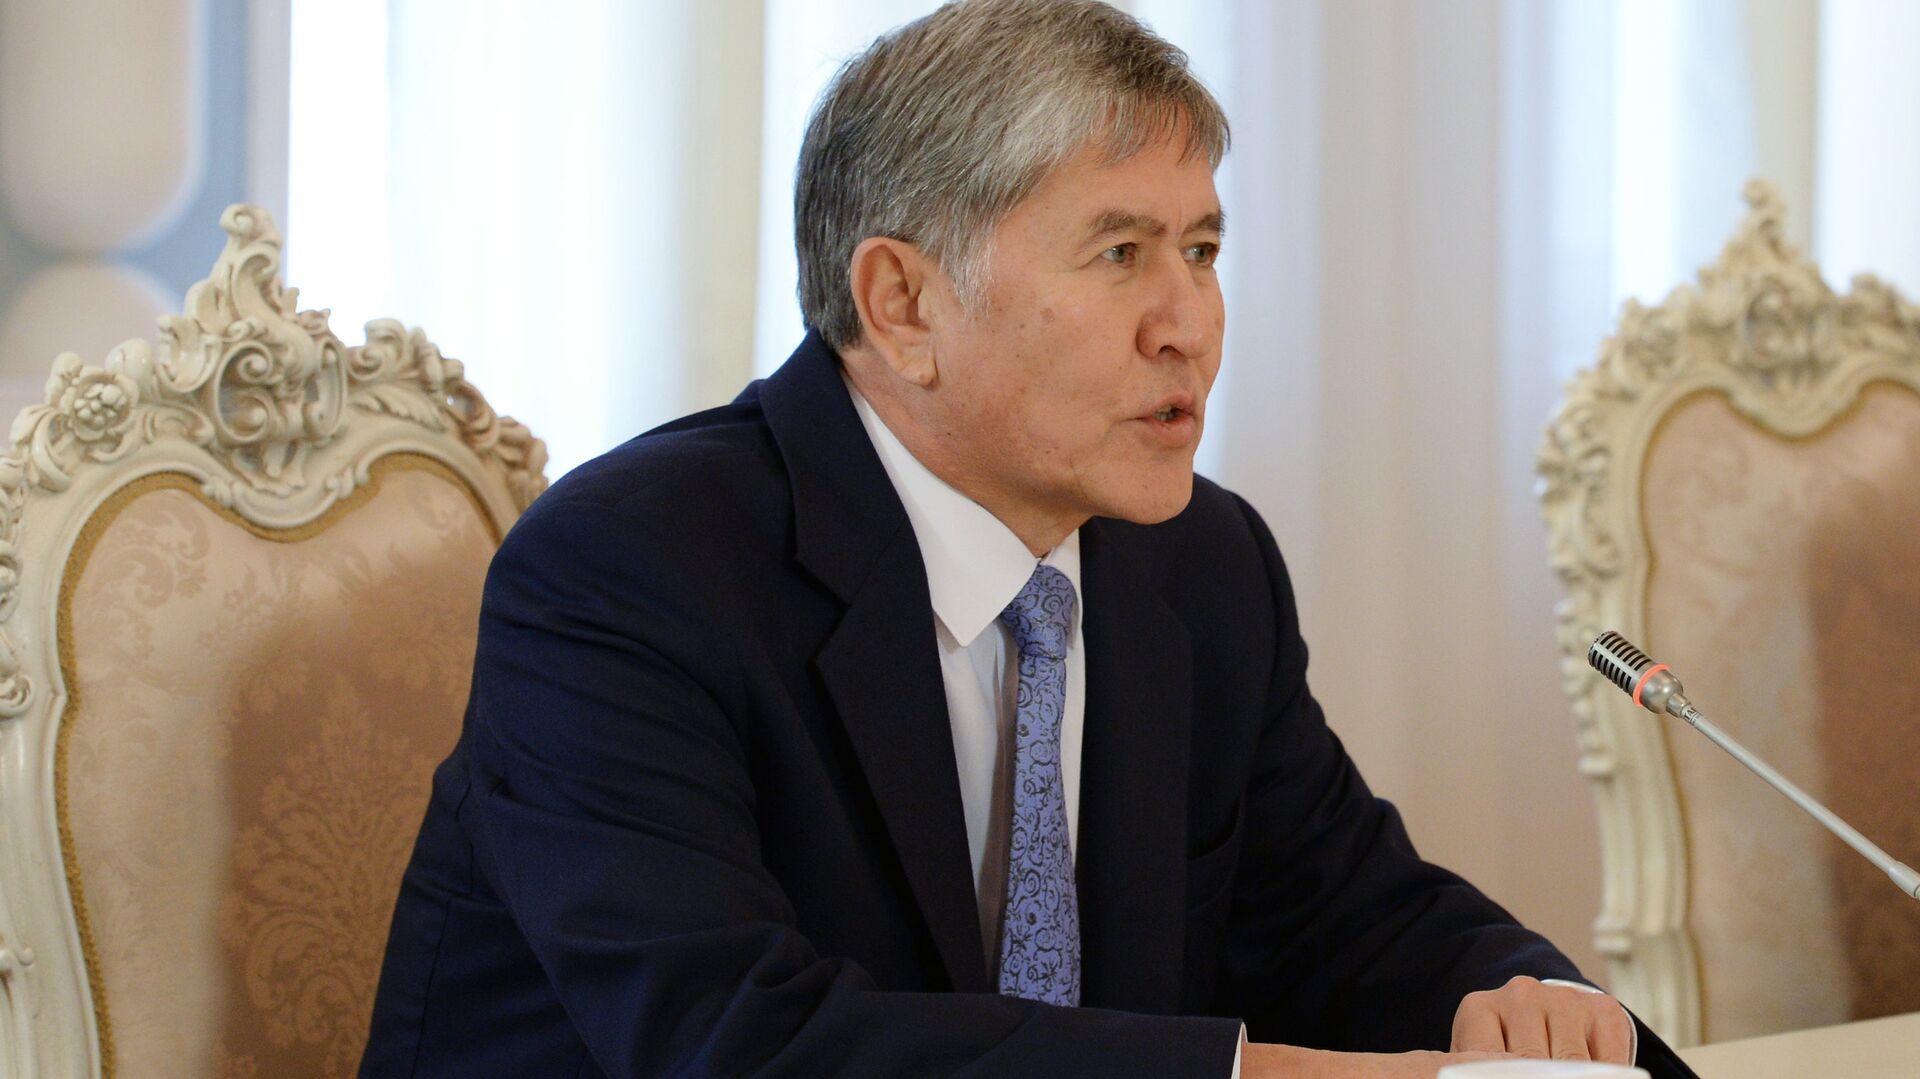 Президент Киргизской Республики Алмазбек Атамбаев. Архивное фото - РИА Новости, 1920, 01.12.2016